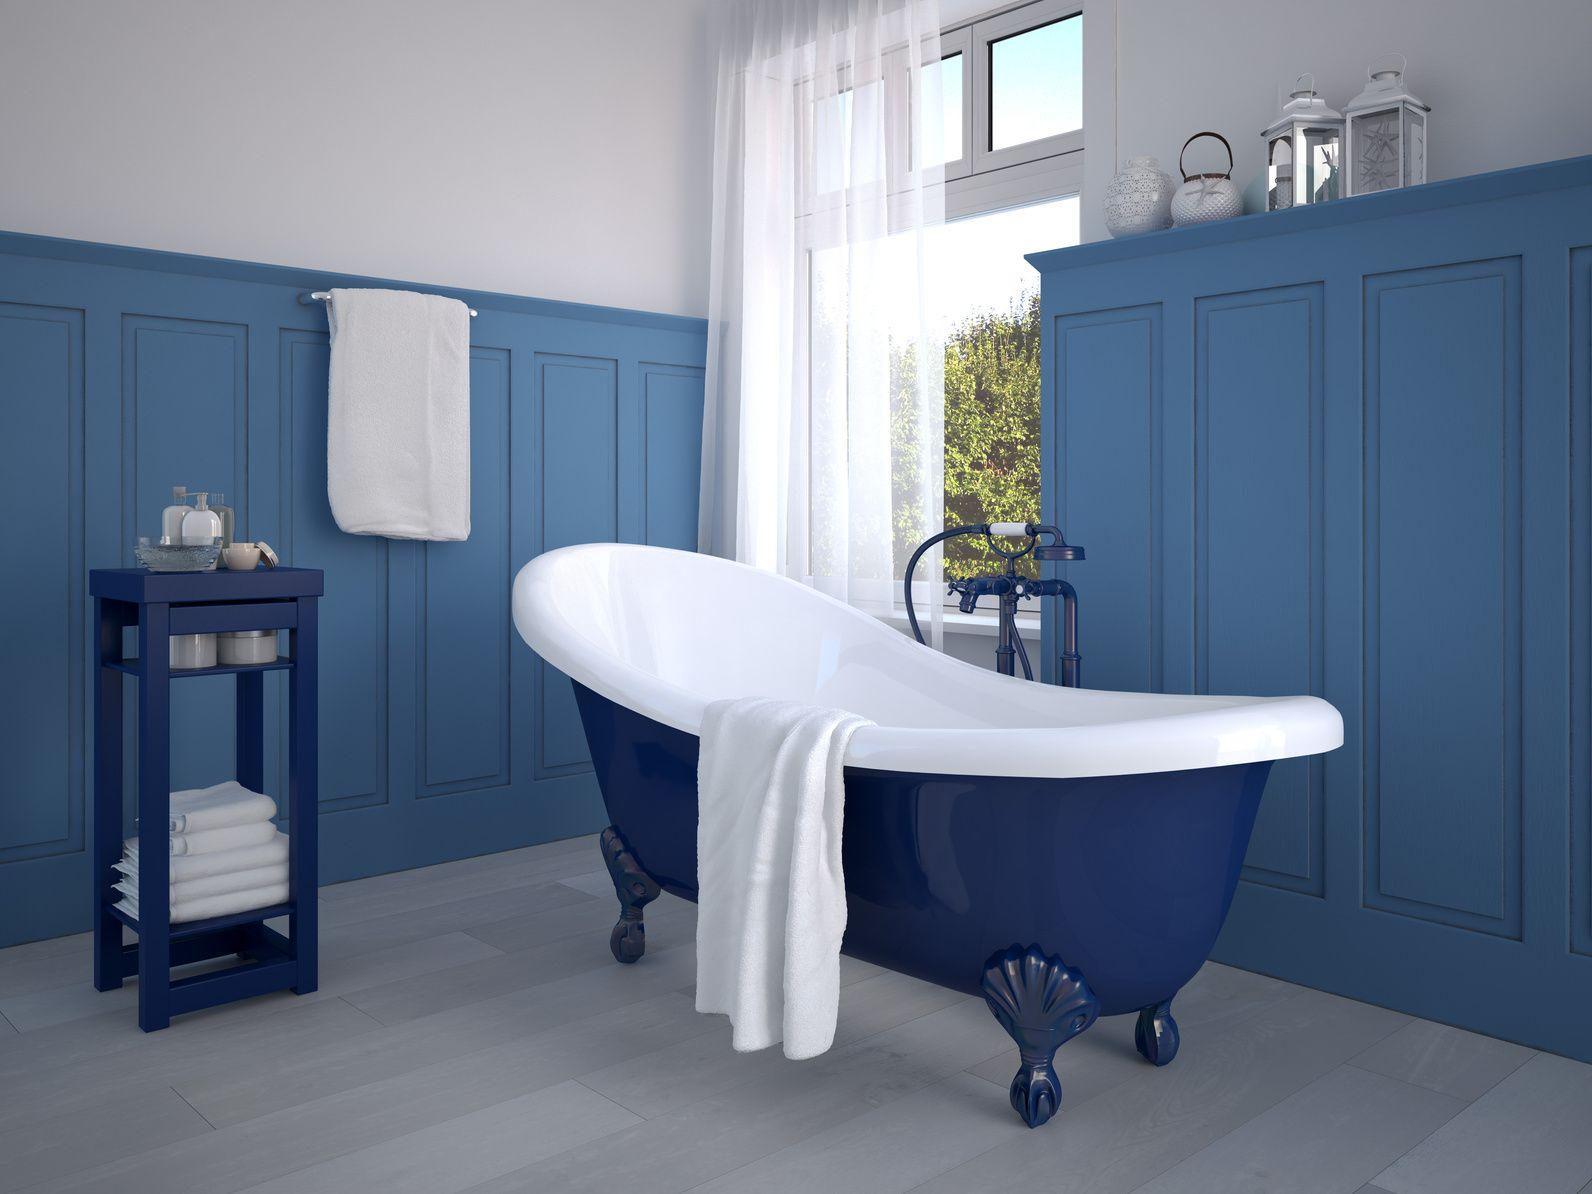 Comment d corer sa salle de bain pas cher le guide ultime comment - Decorer sa salle de bain ...